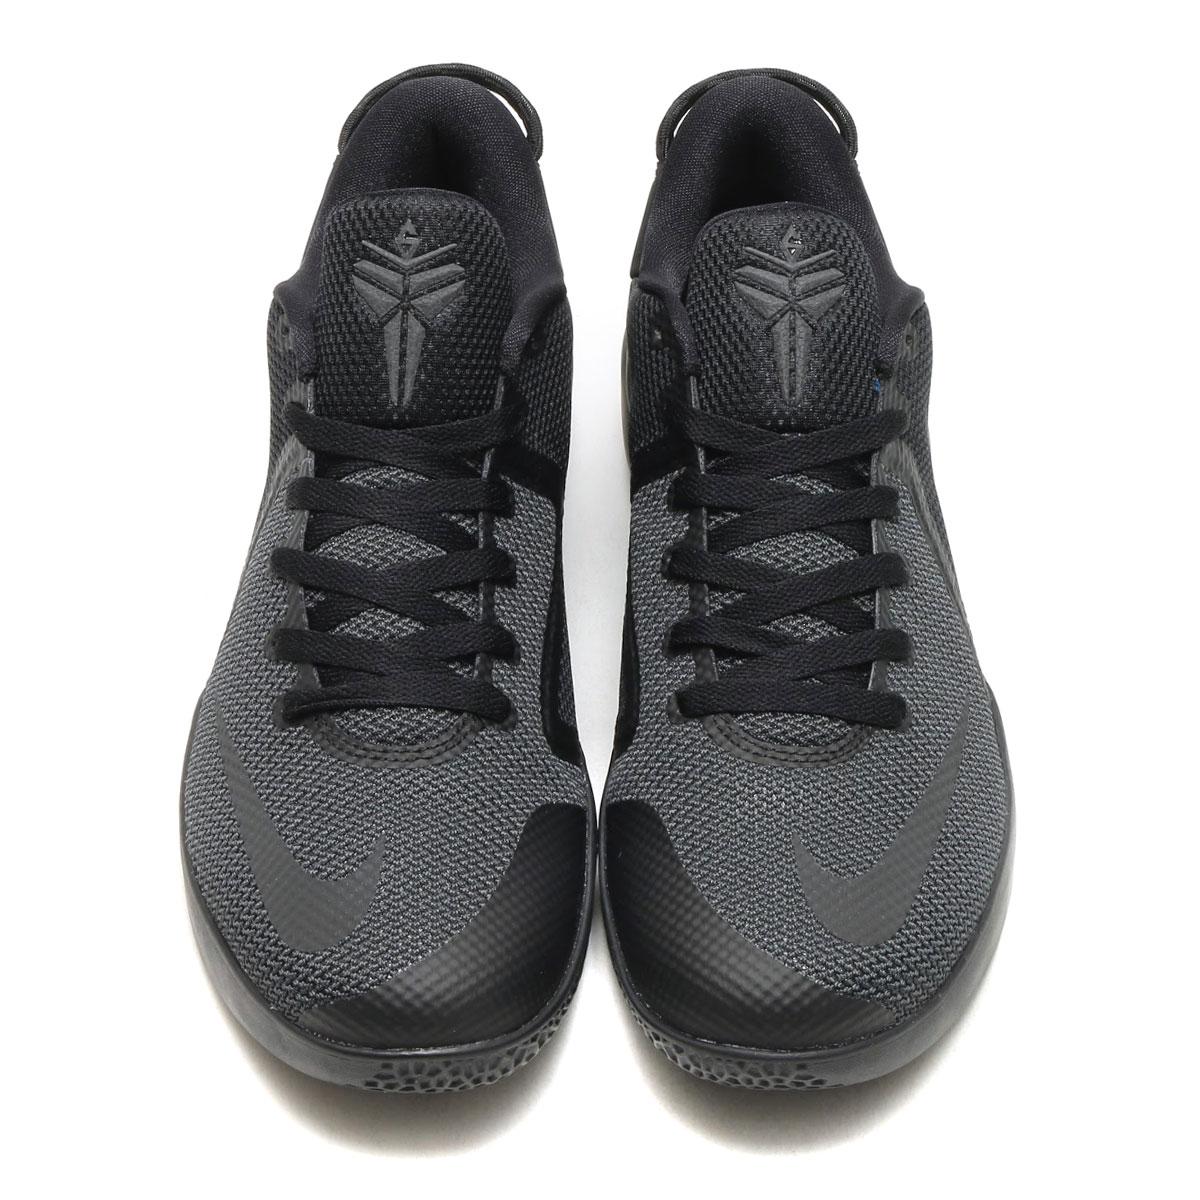 The Nike Zoom Kobe Venomenon 6 Surfaces